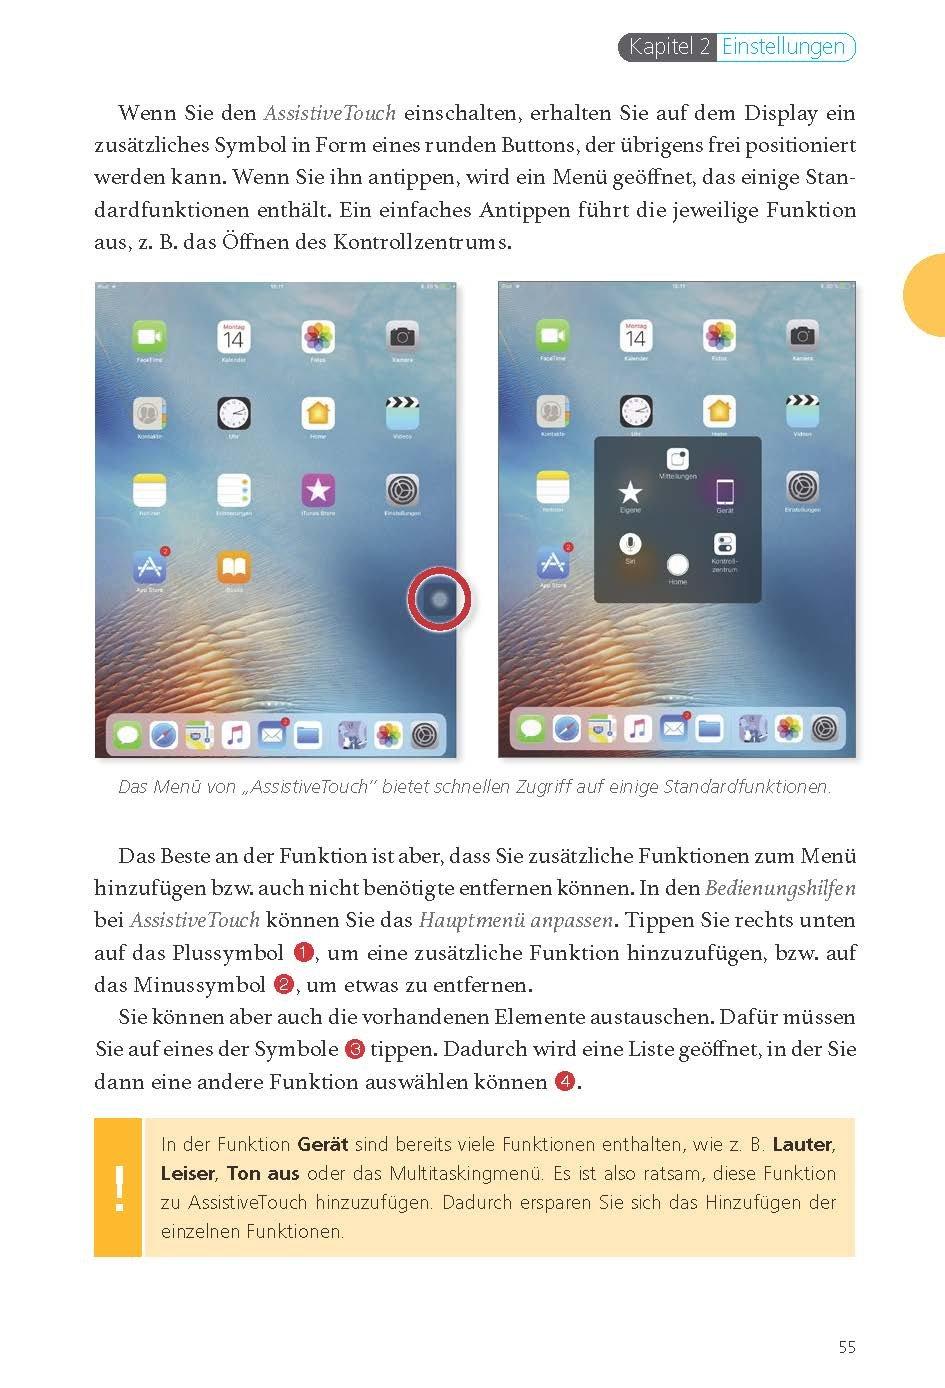 Charmant Elektronik Symbole Und Funktionen Galerie - Elektrische ...